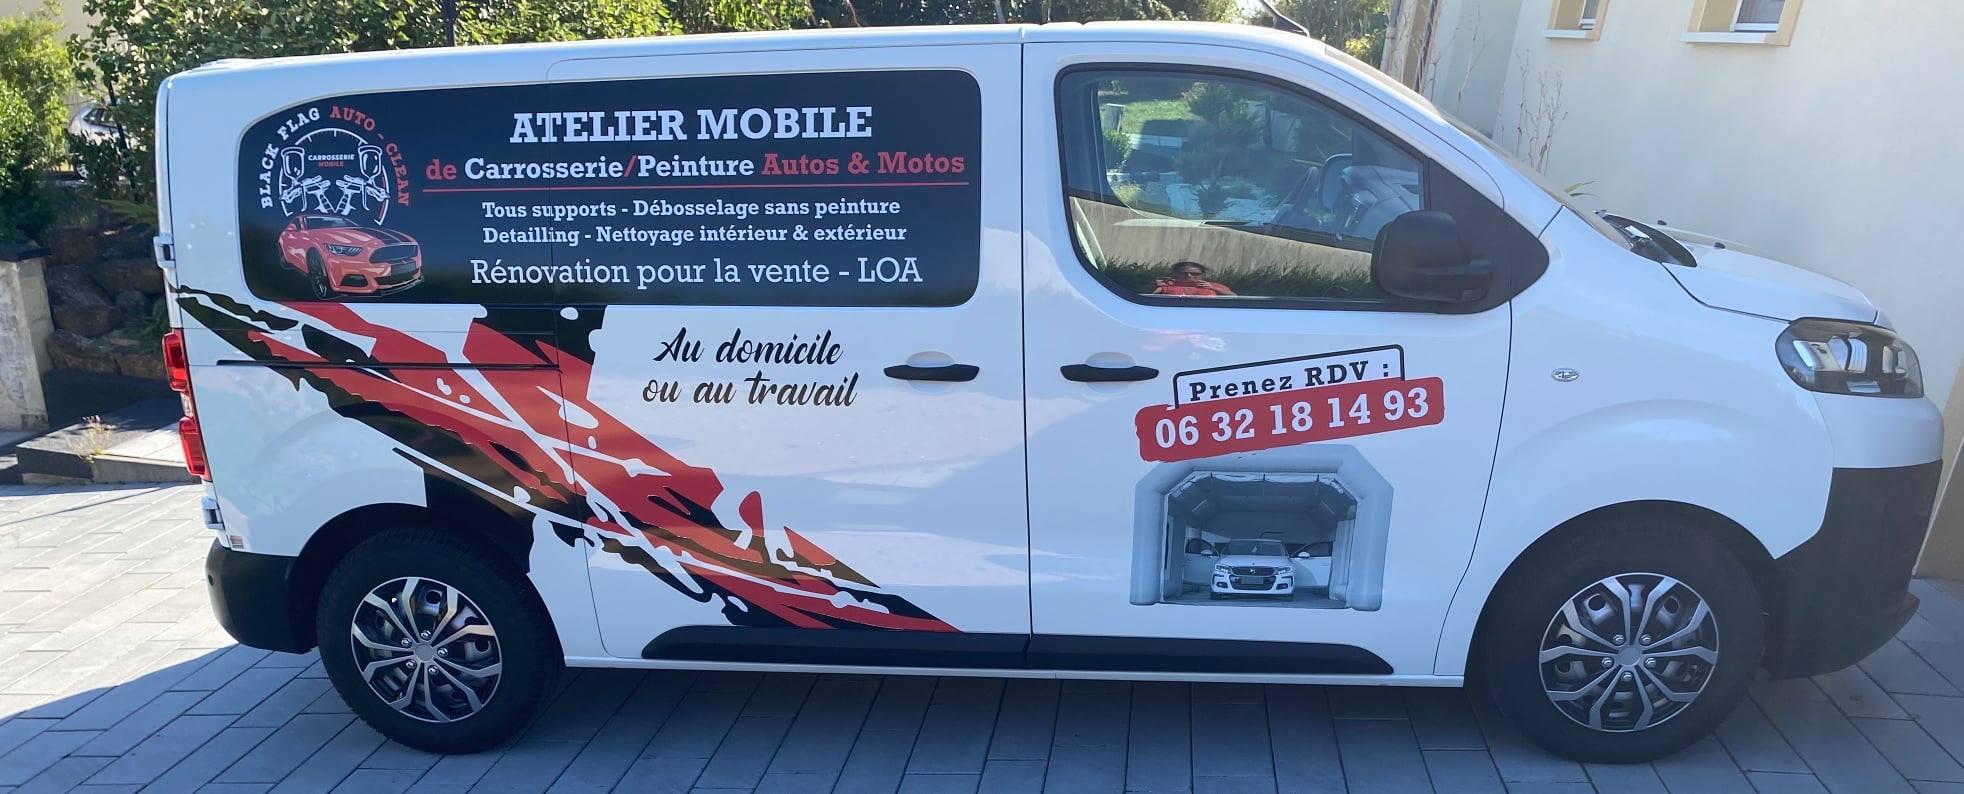 camionette du logo pour une carrosserie mobile